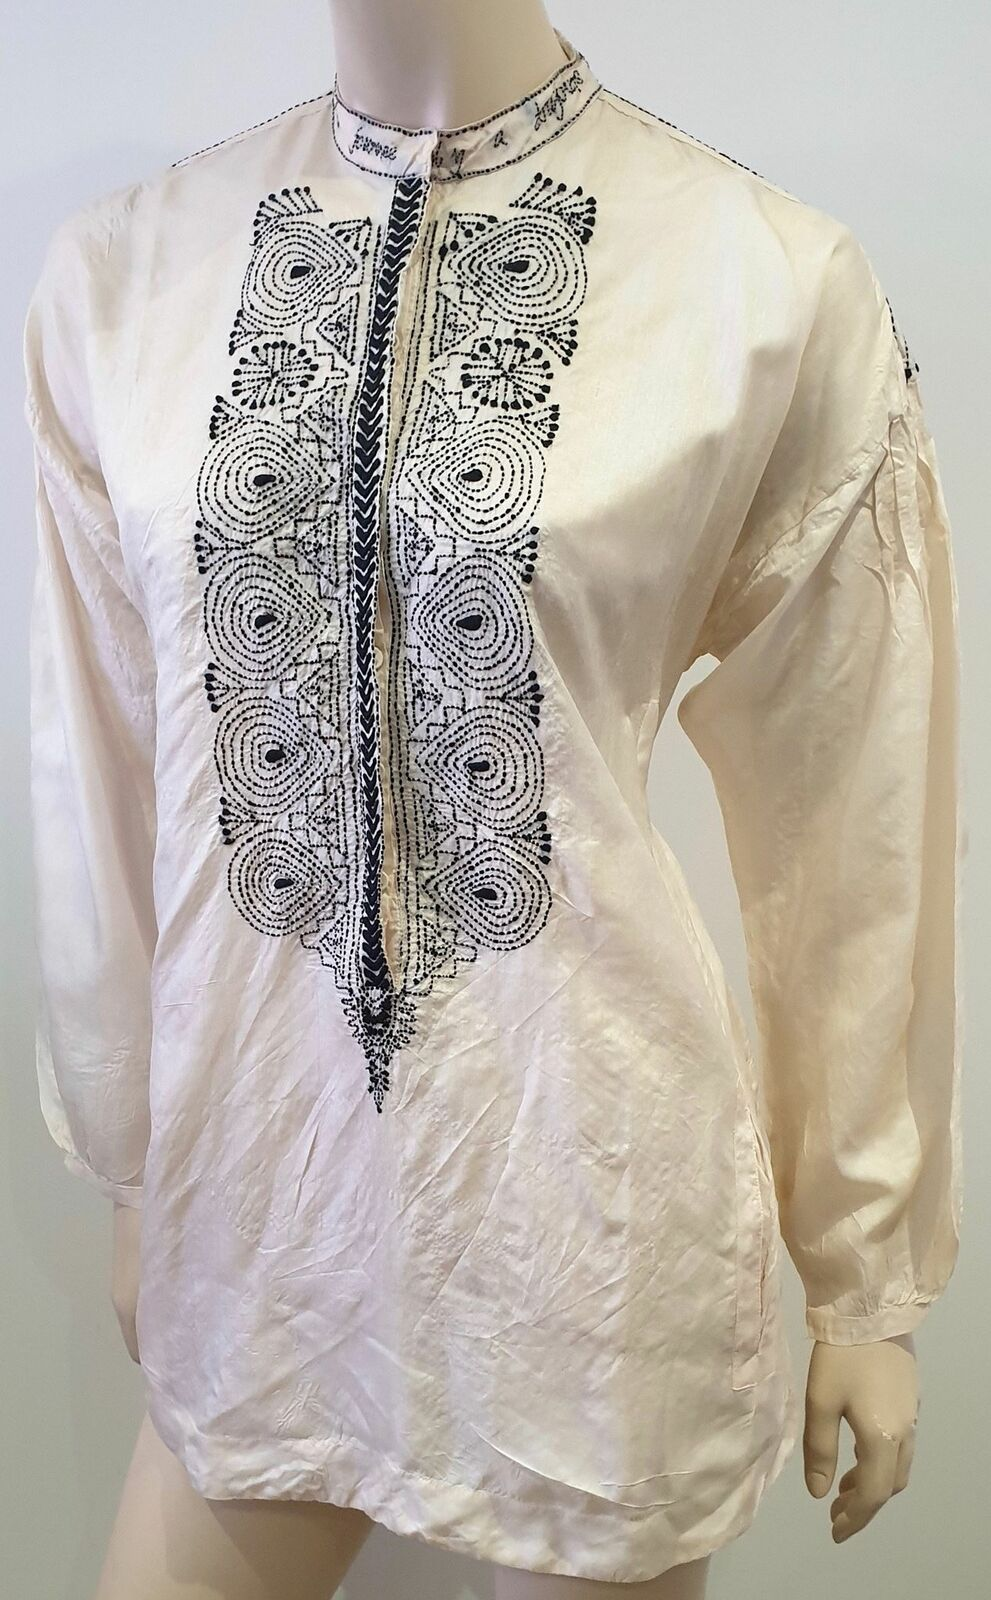 DAY BIRGER ET MIKKELSEN Pale Pink Silk Embroidered Blouse Shirt Top DK34 UK8